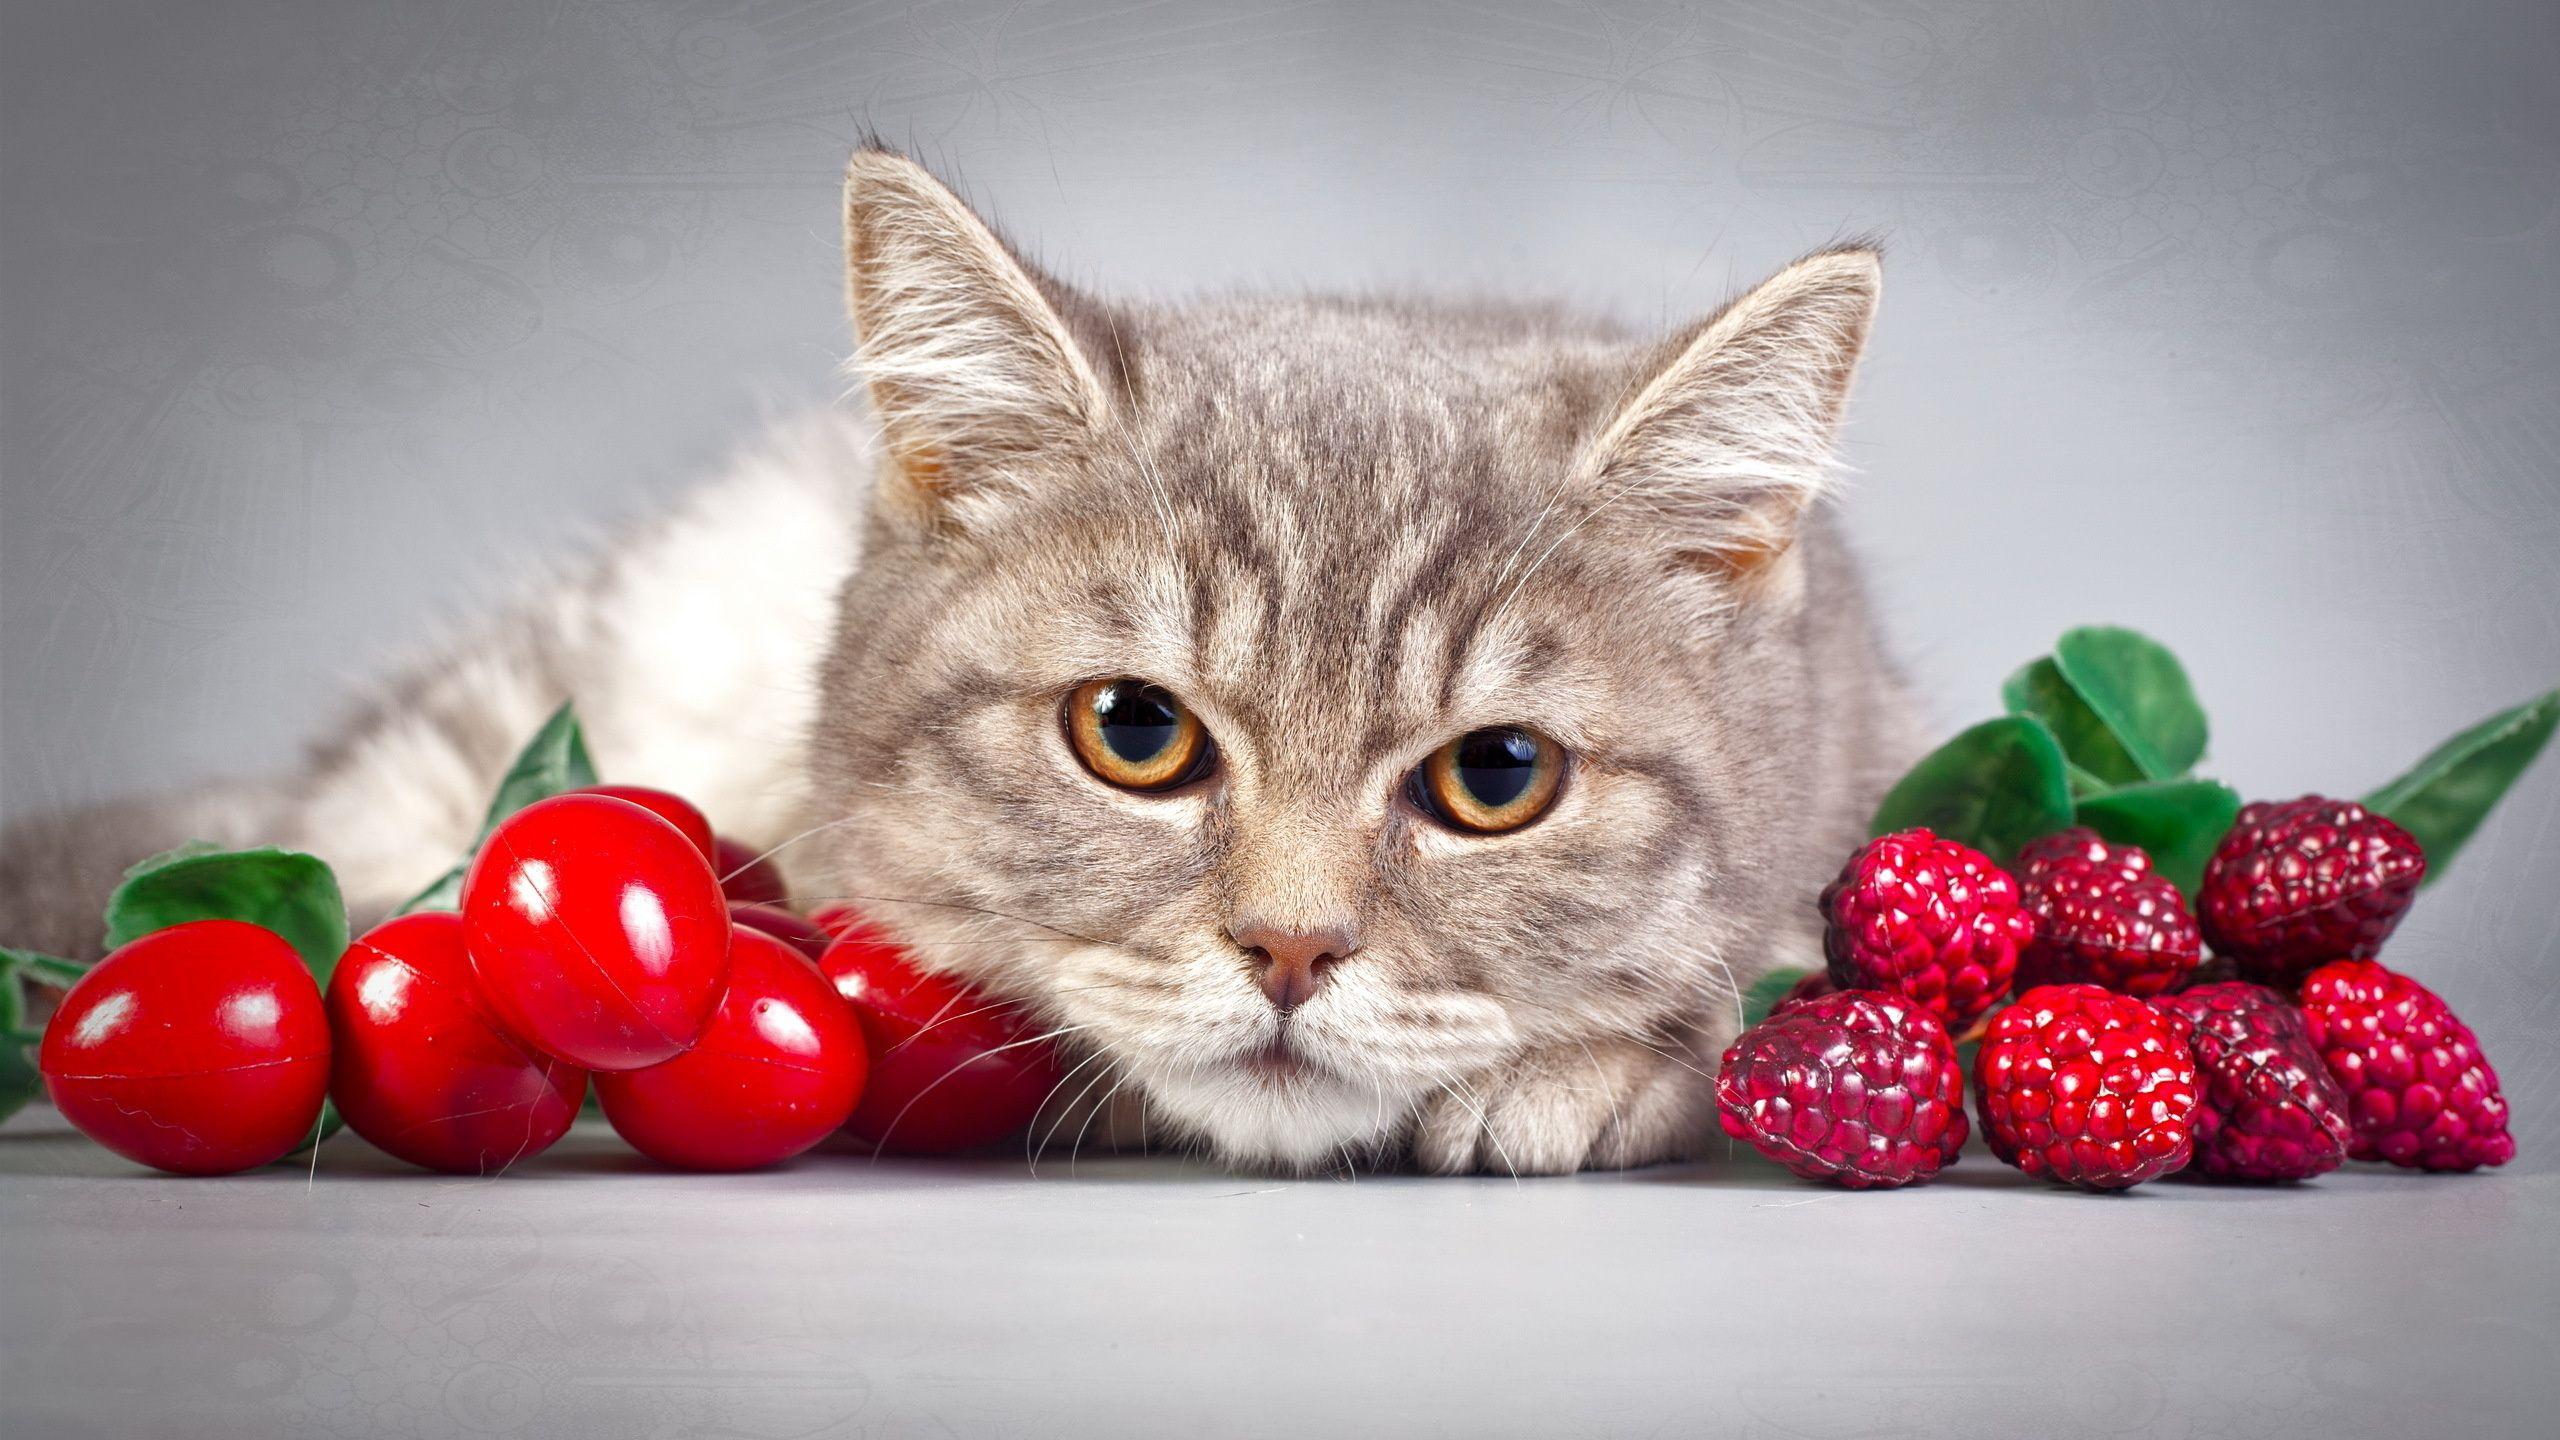 고양이, 고양이, 눈, 세로, 딸기 2560x1440